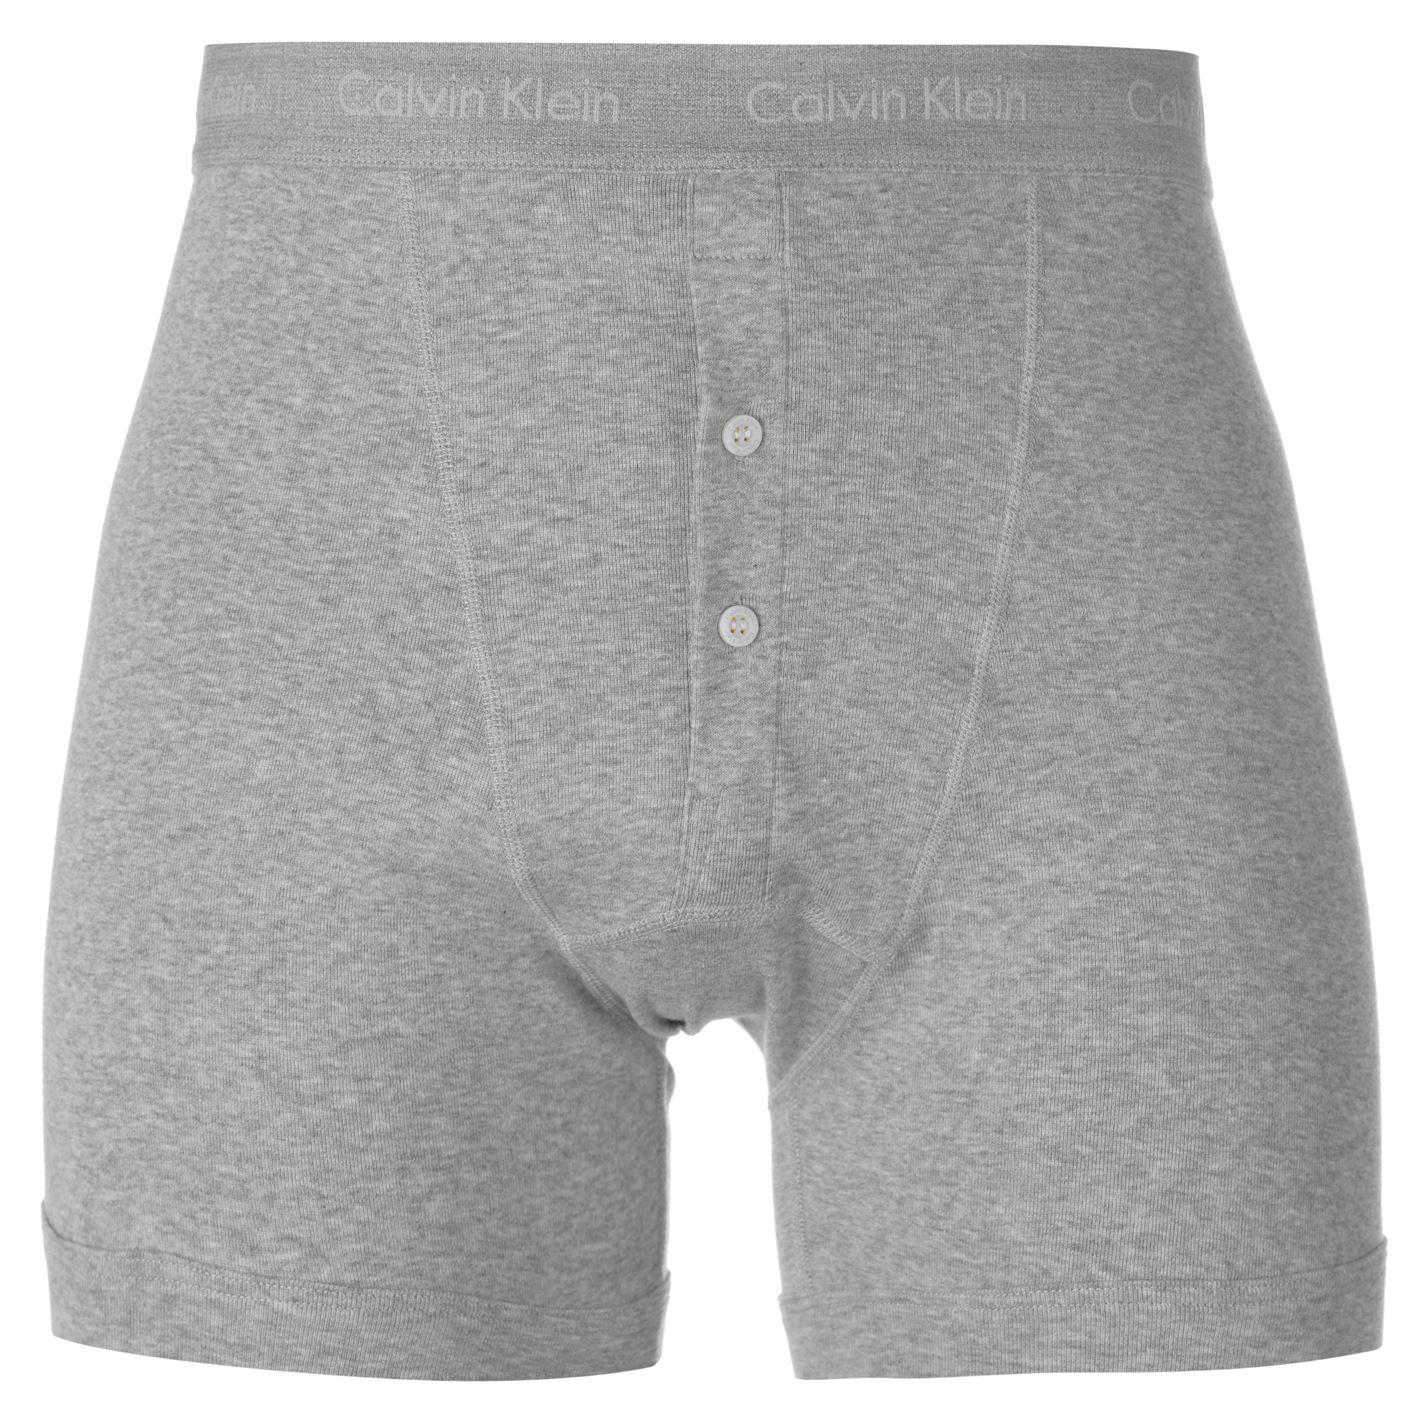 Boxerky Calvin Klein Briefs